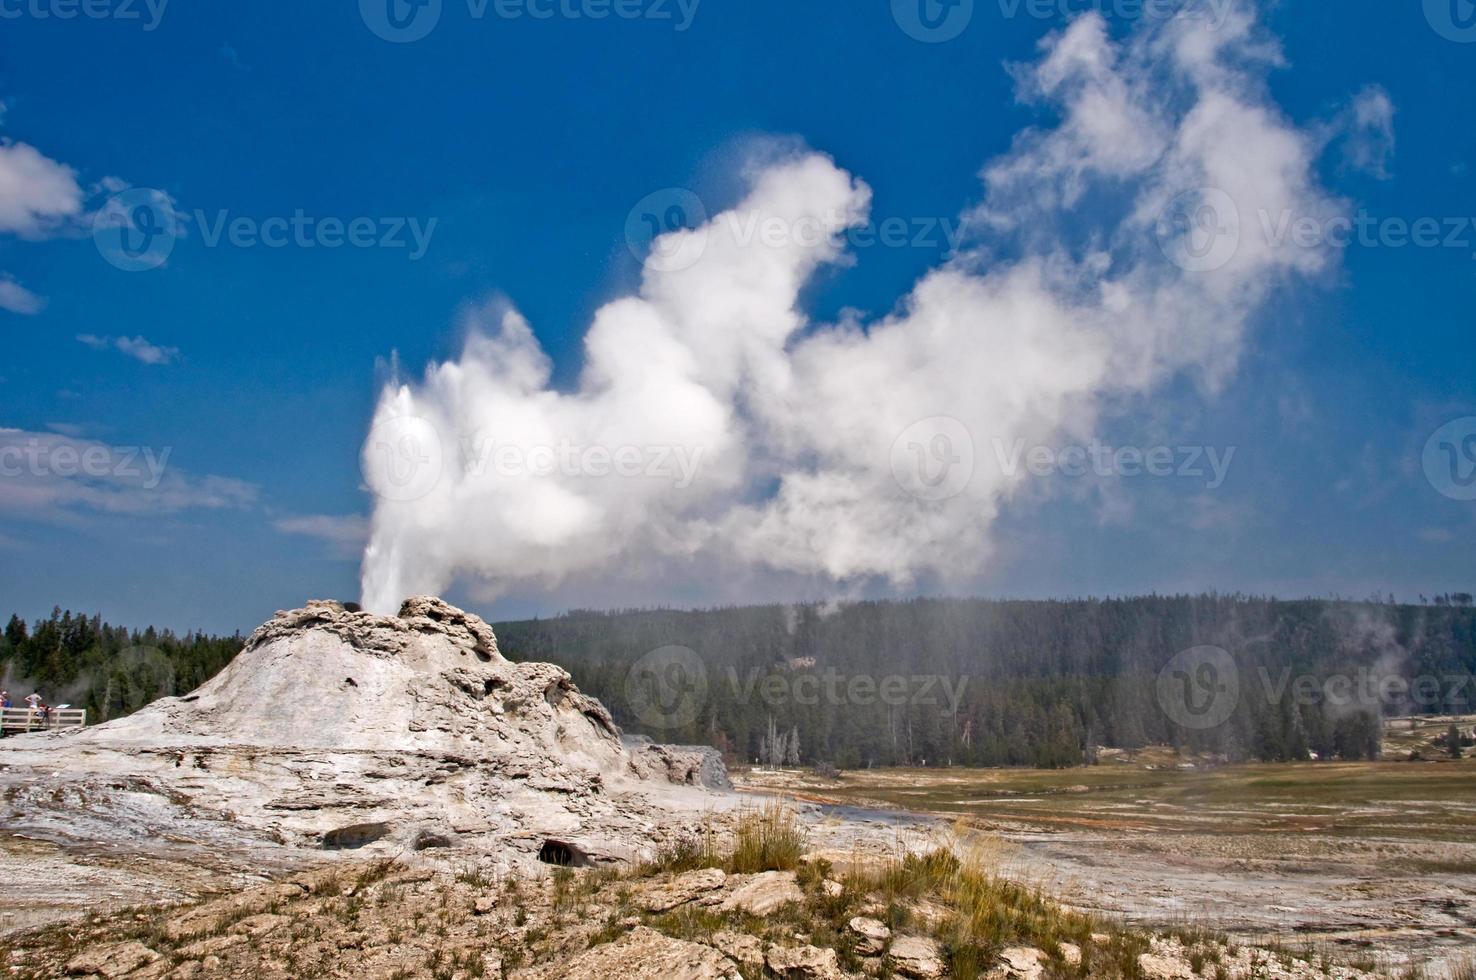 géiser del castillo, parque nacional de yellowstone, estados unidos foto